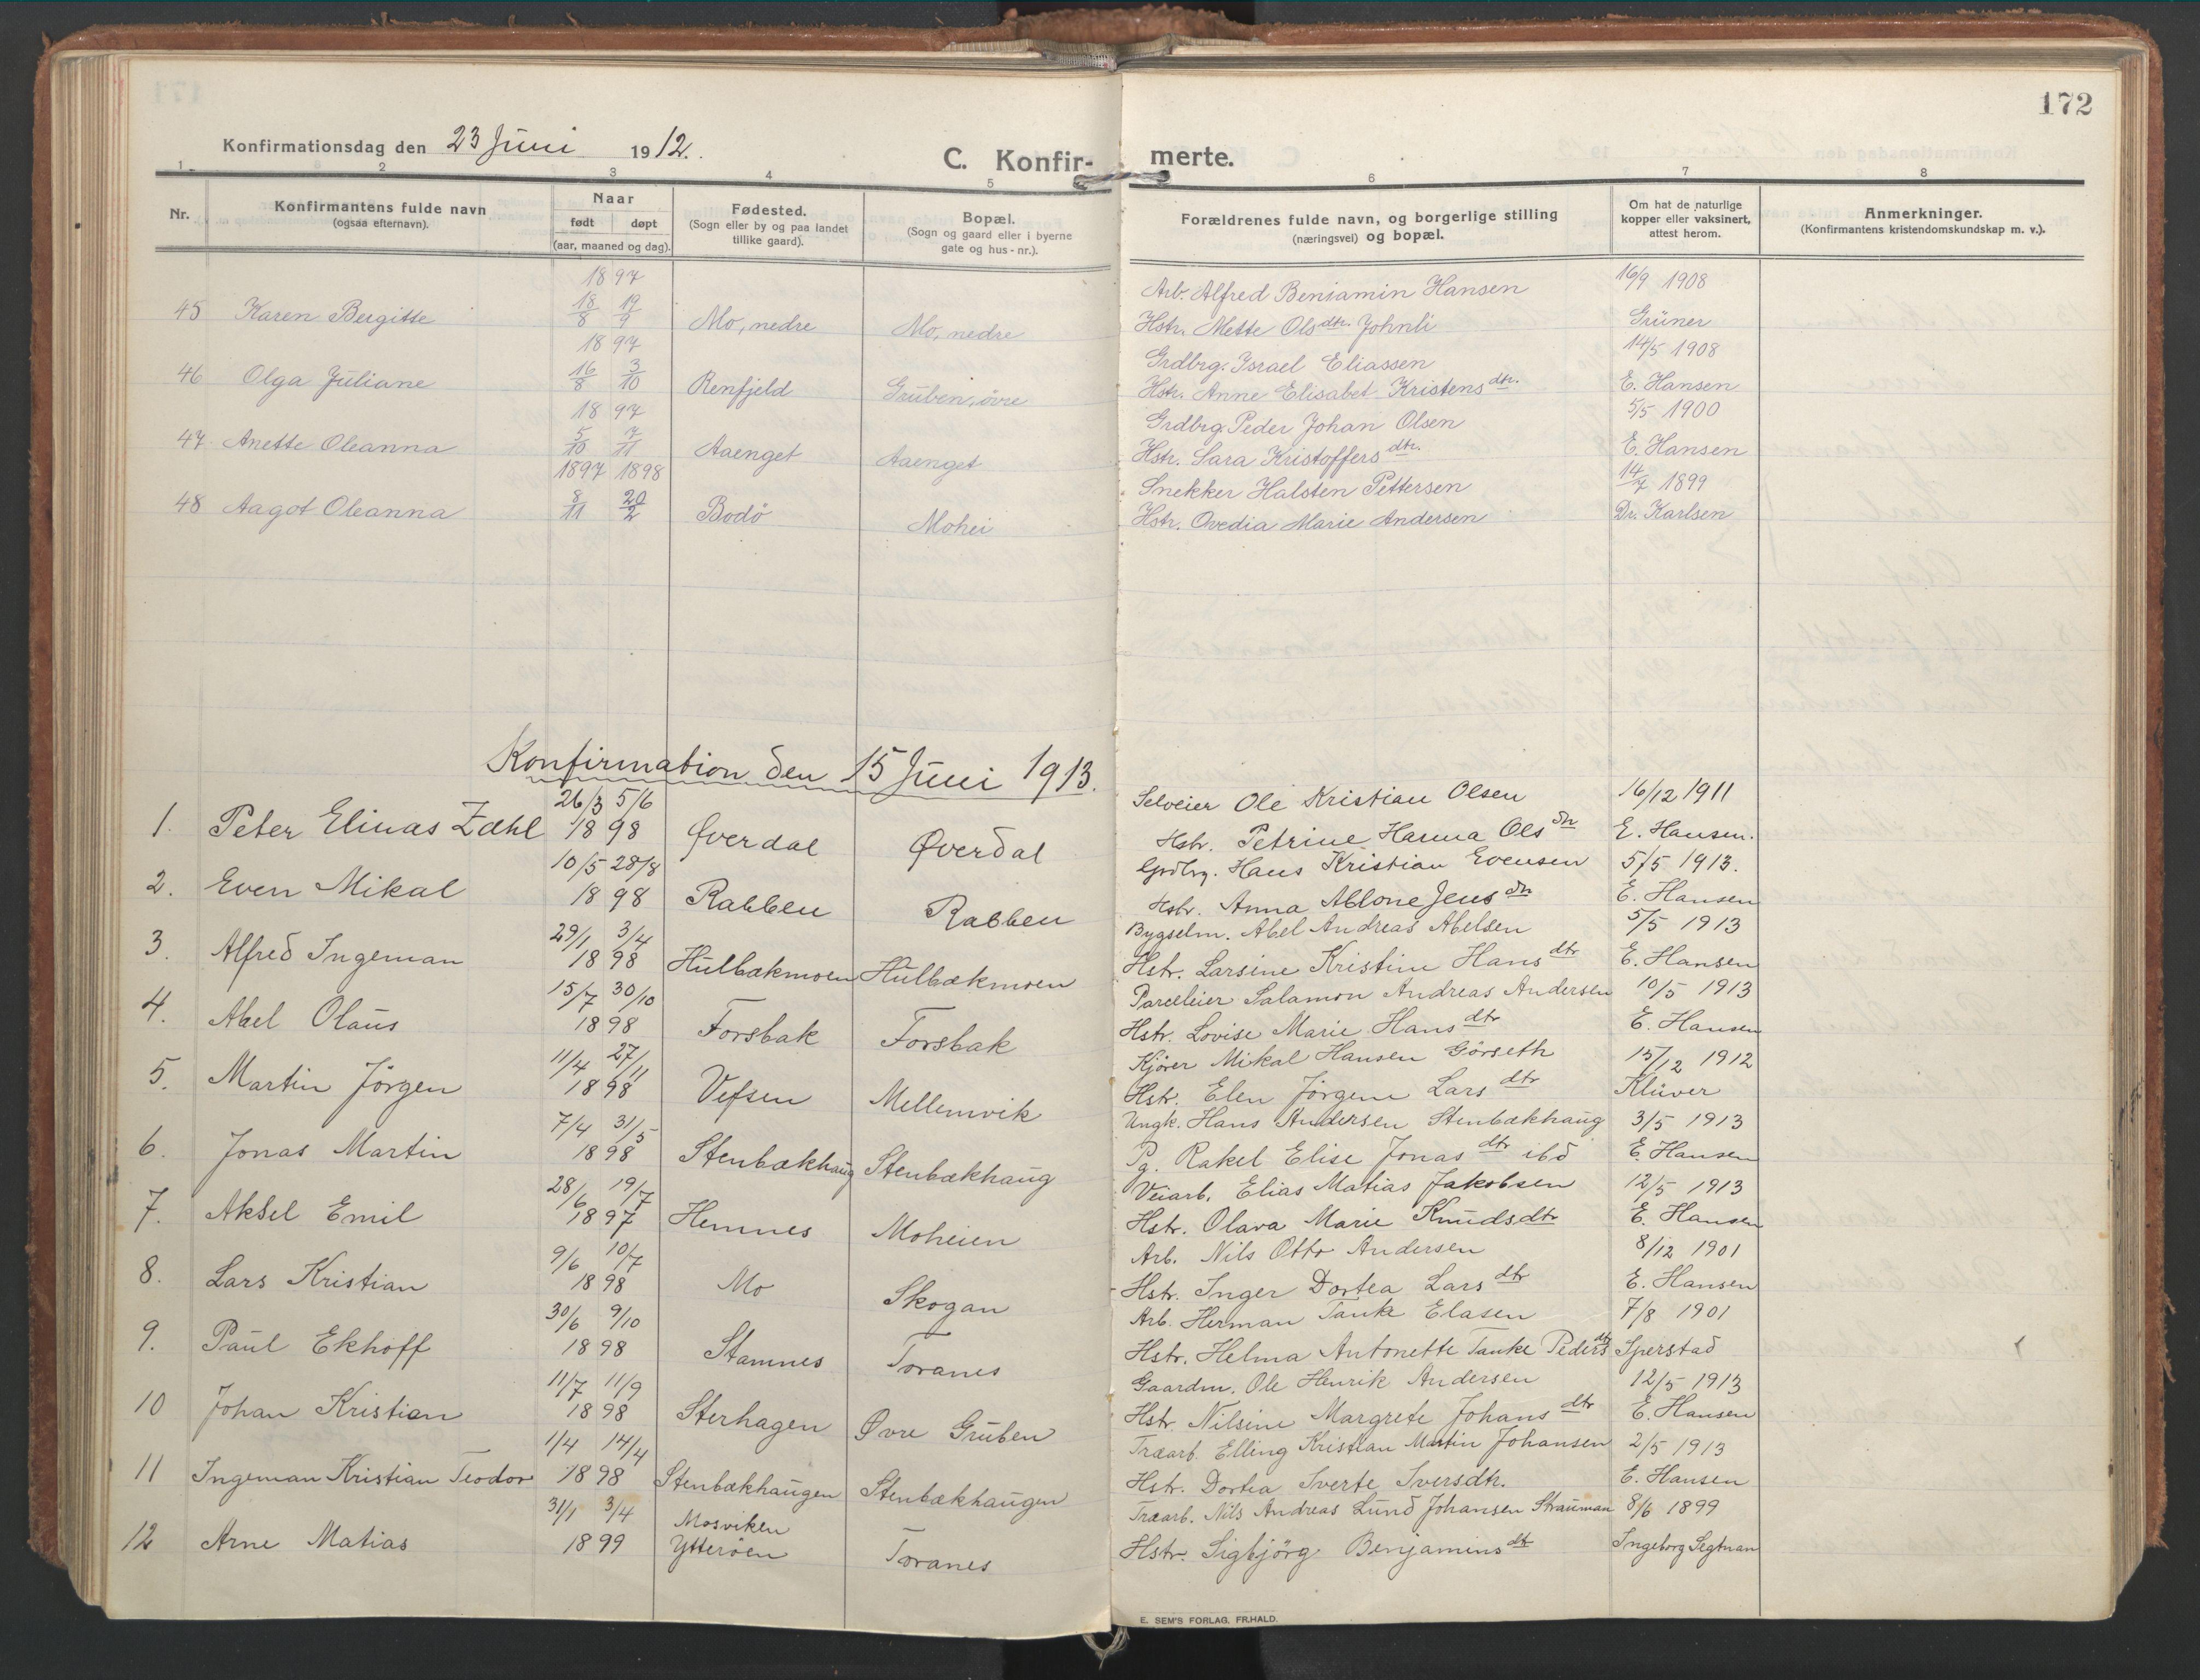 SAT, Ministerialprotokoller, klokkerbøker og fødselsregistre - Nordland, 827/L0404: Parish register (official) no. 827A16, 1912-1925, p. 172